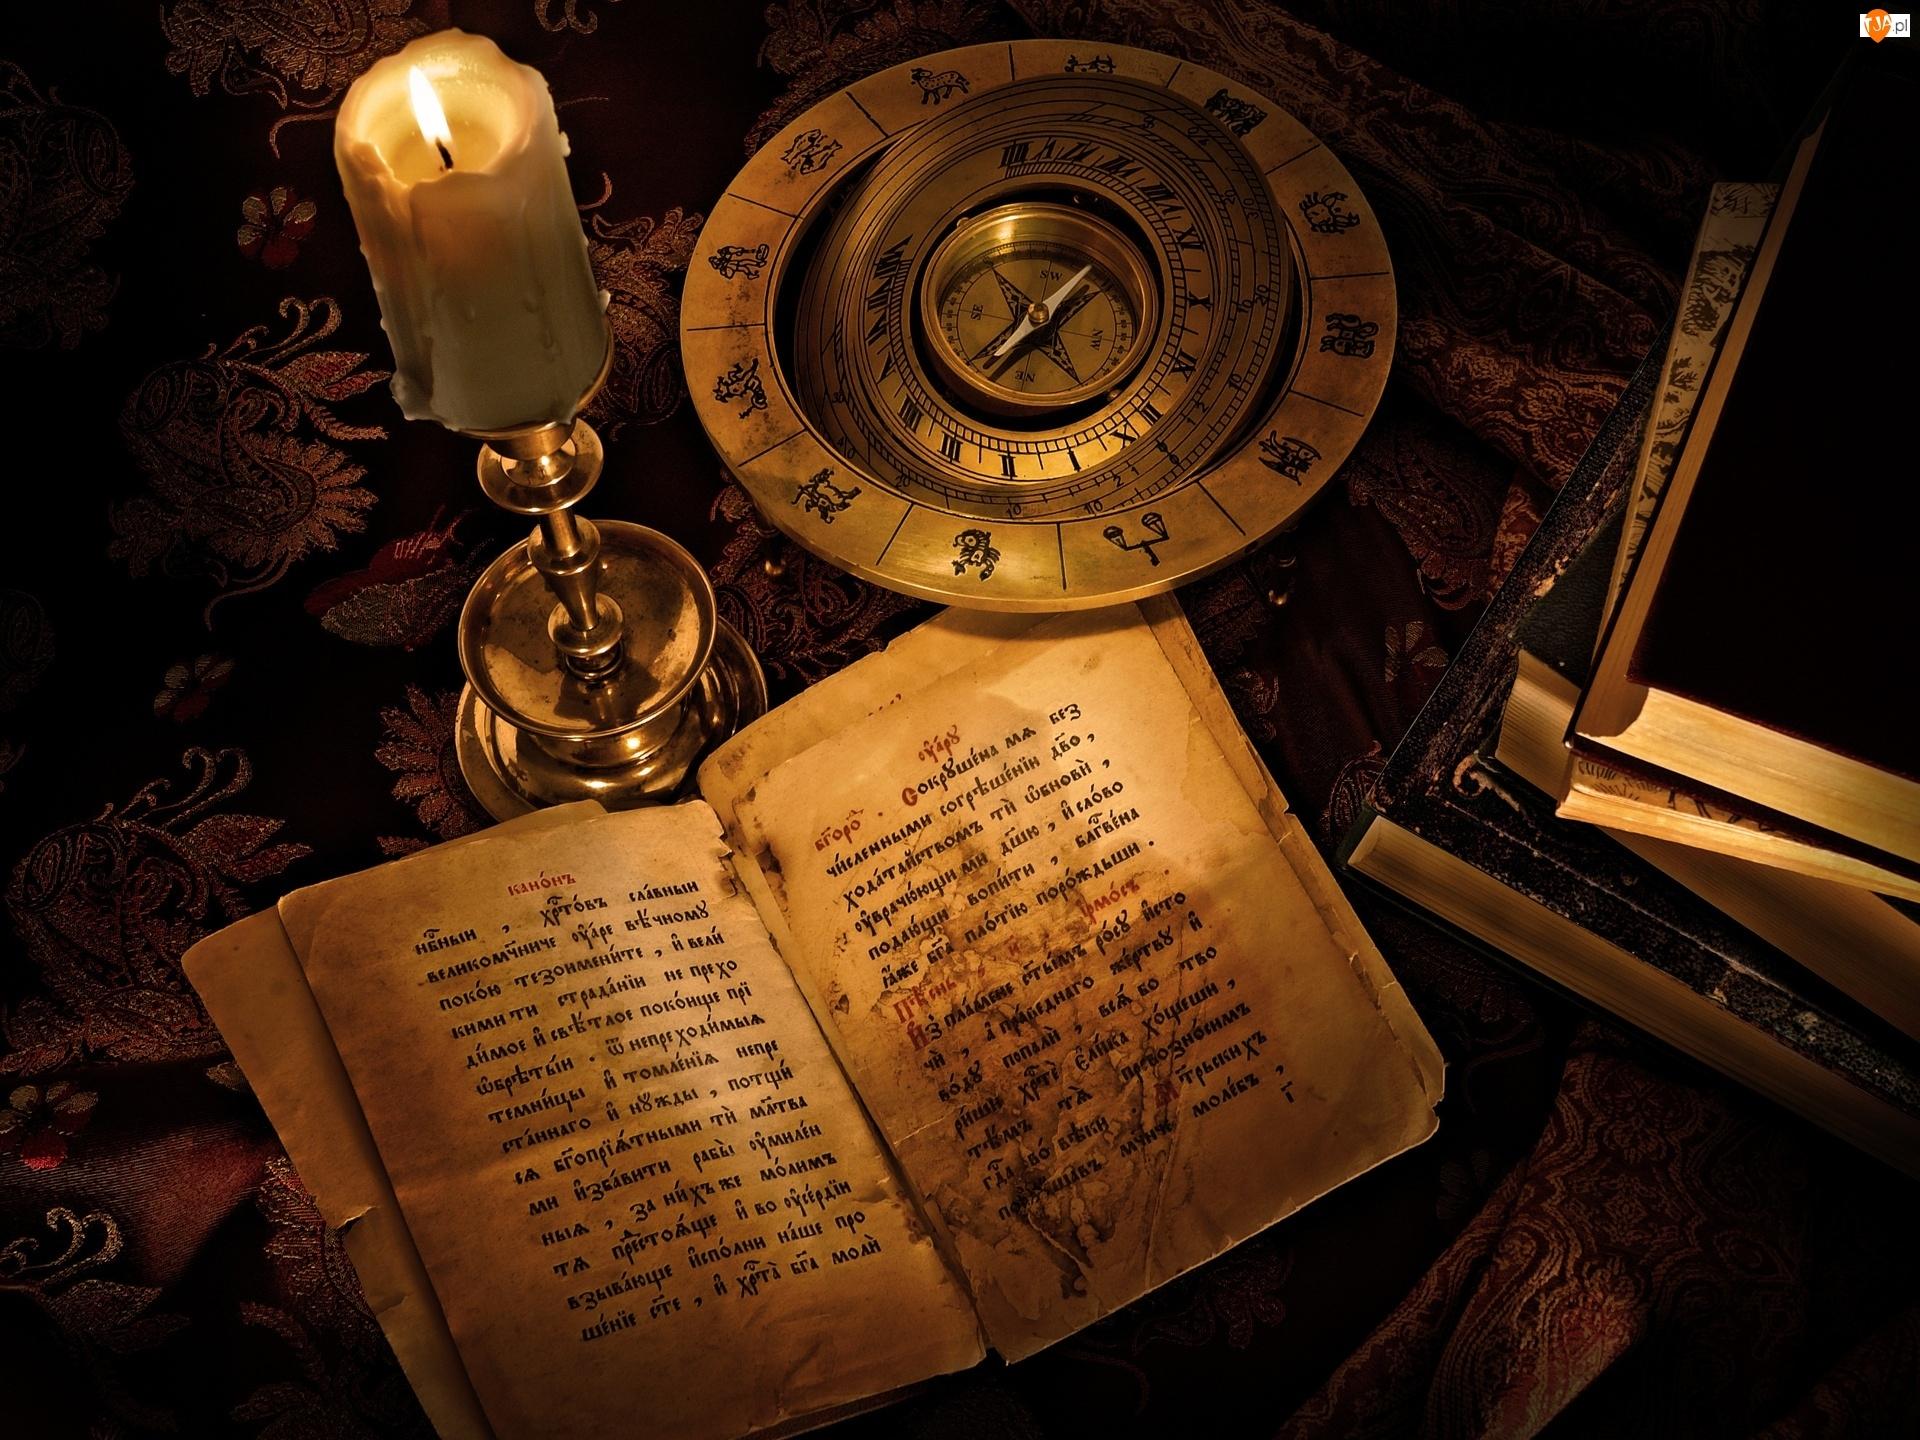 Kompozycja, Kompas, Świeca, Książki